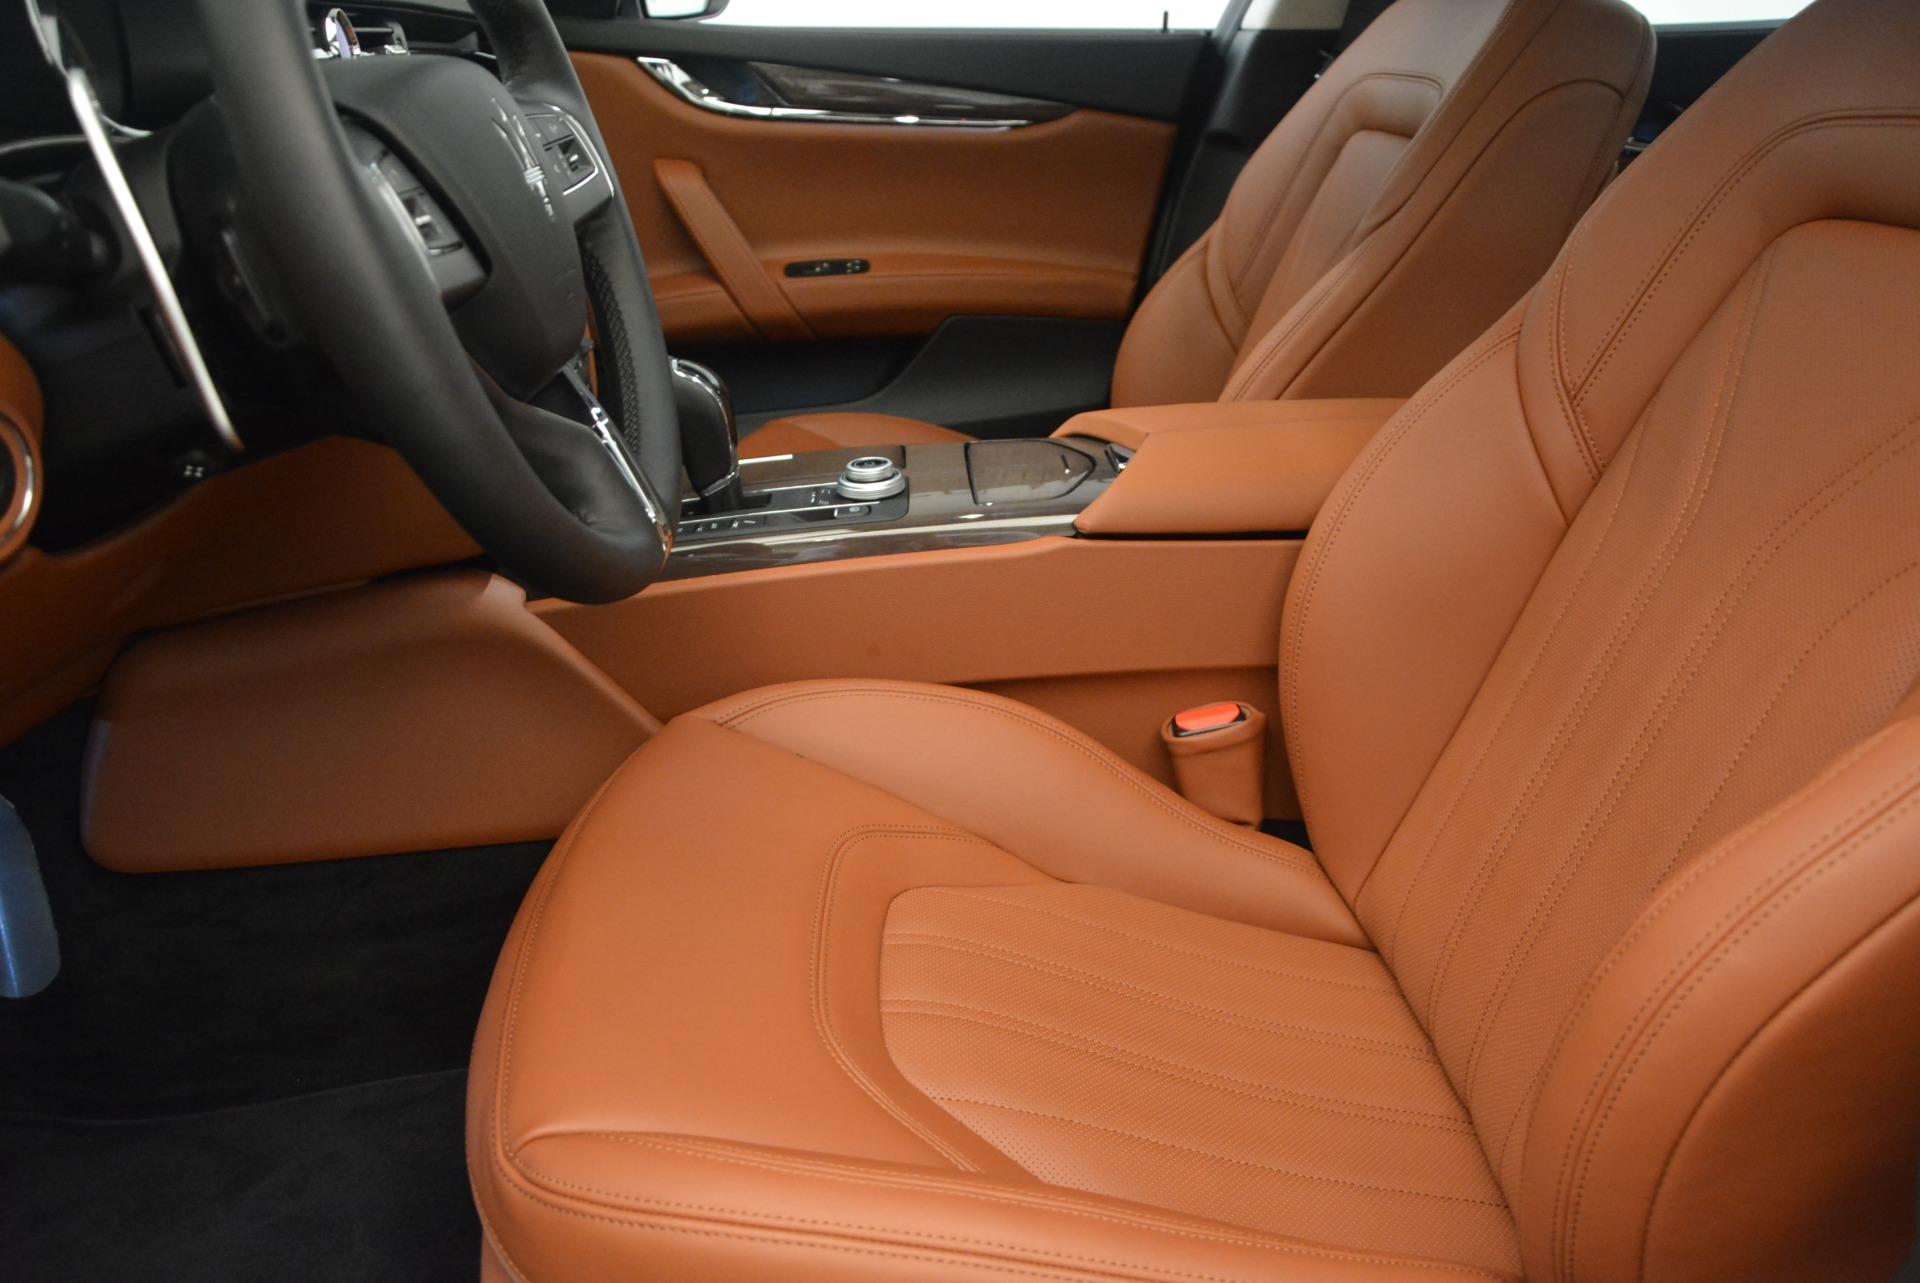 Used 2018 Maserati Quattroporte S Q4 GranLusso For Sale In Greenwich, CT 1572_p14